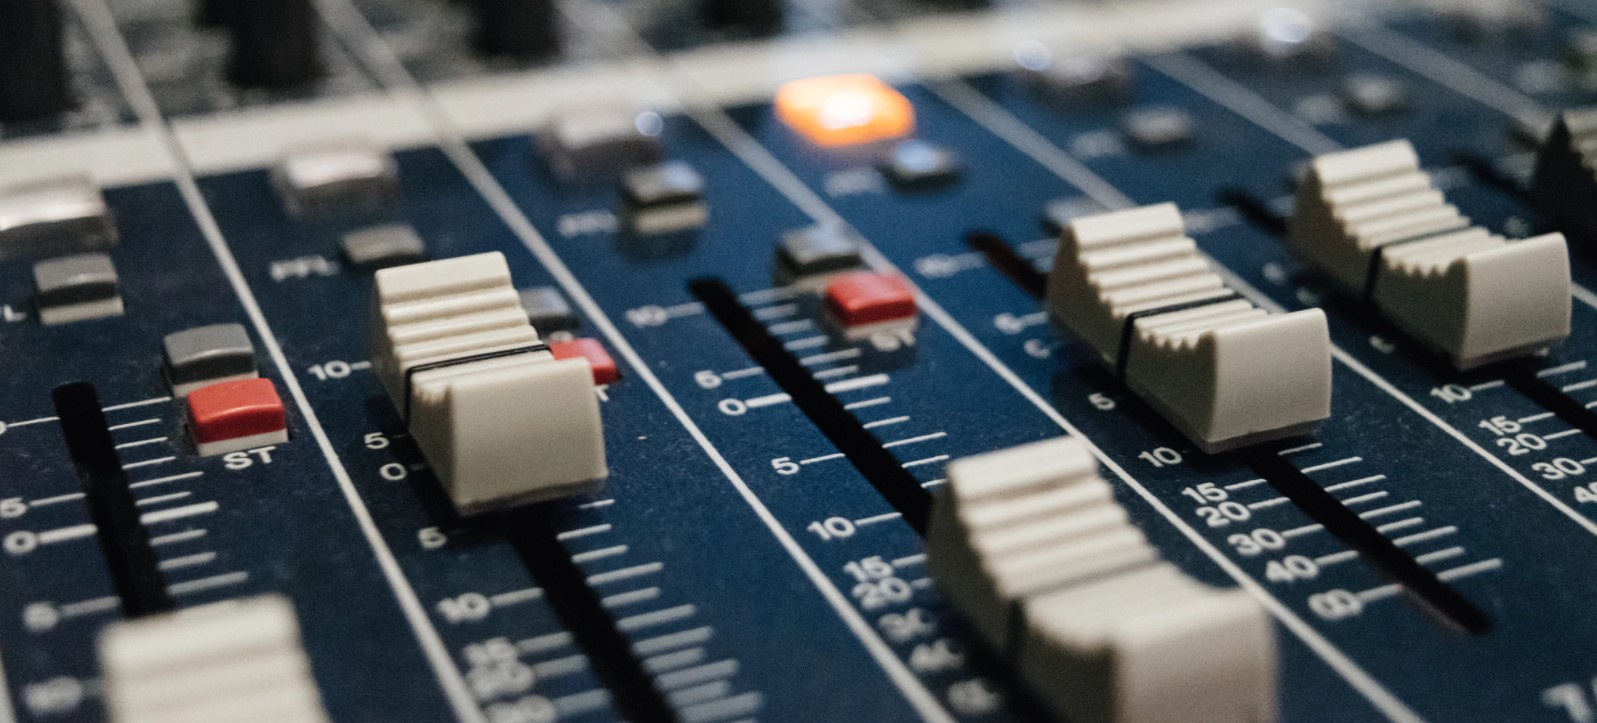 Efeitos sonoros para podcast: como encontrar ou criar o seu